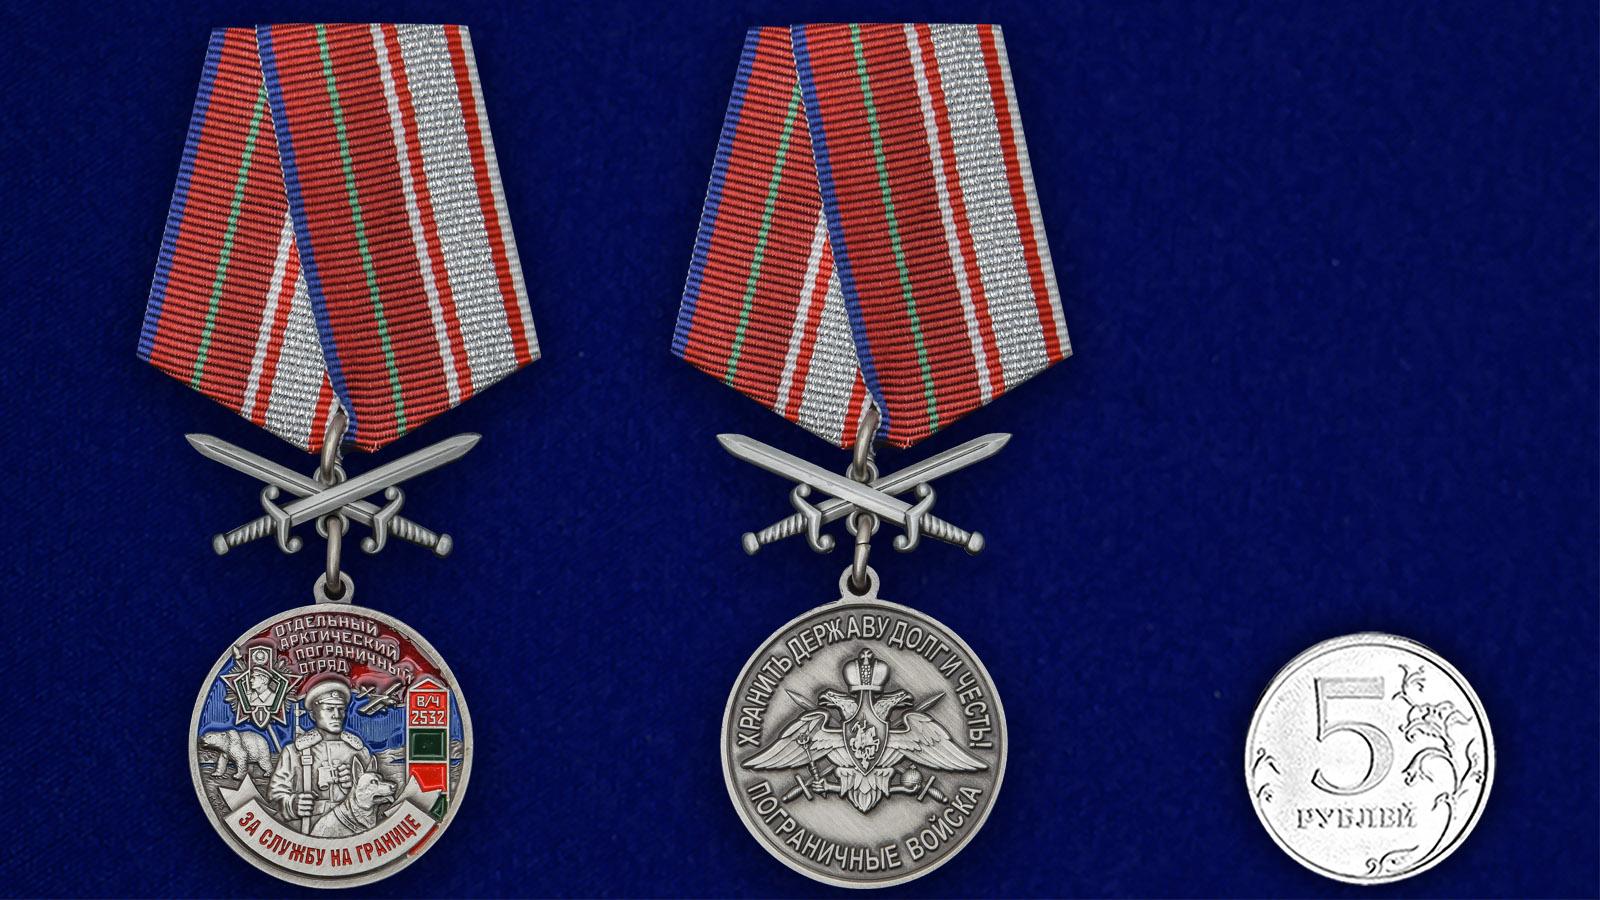 Латунная медаль За службу в Арктическом пограничном отряде - сравнительный вид